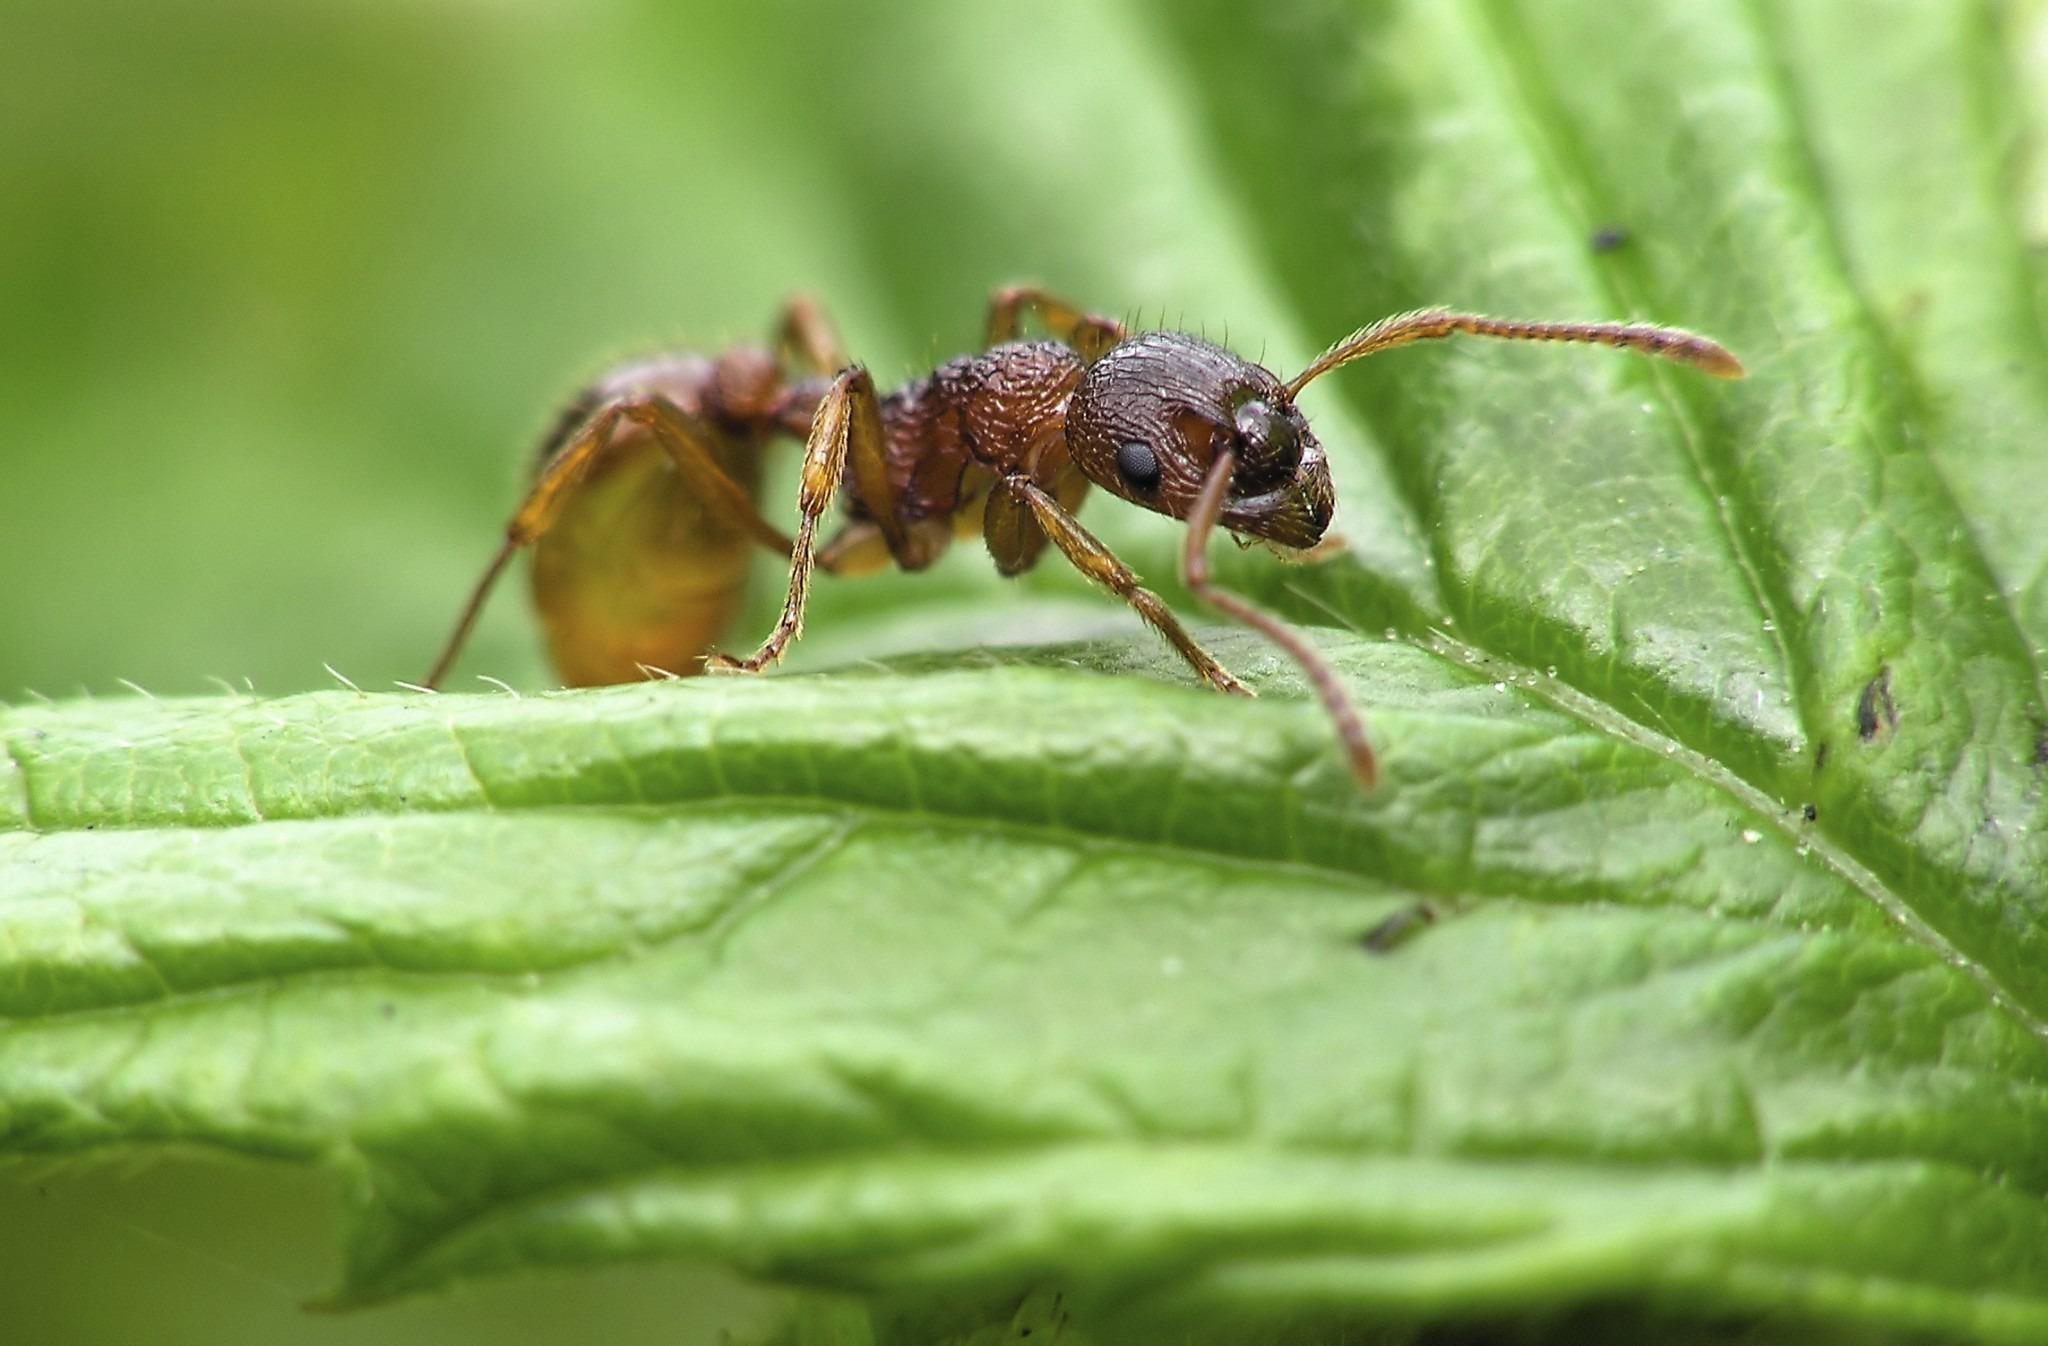 Salamander ant prey